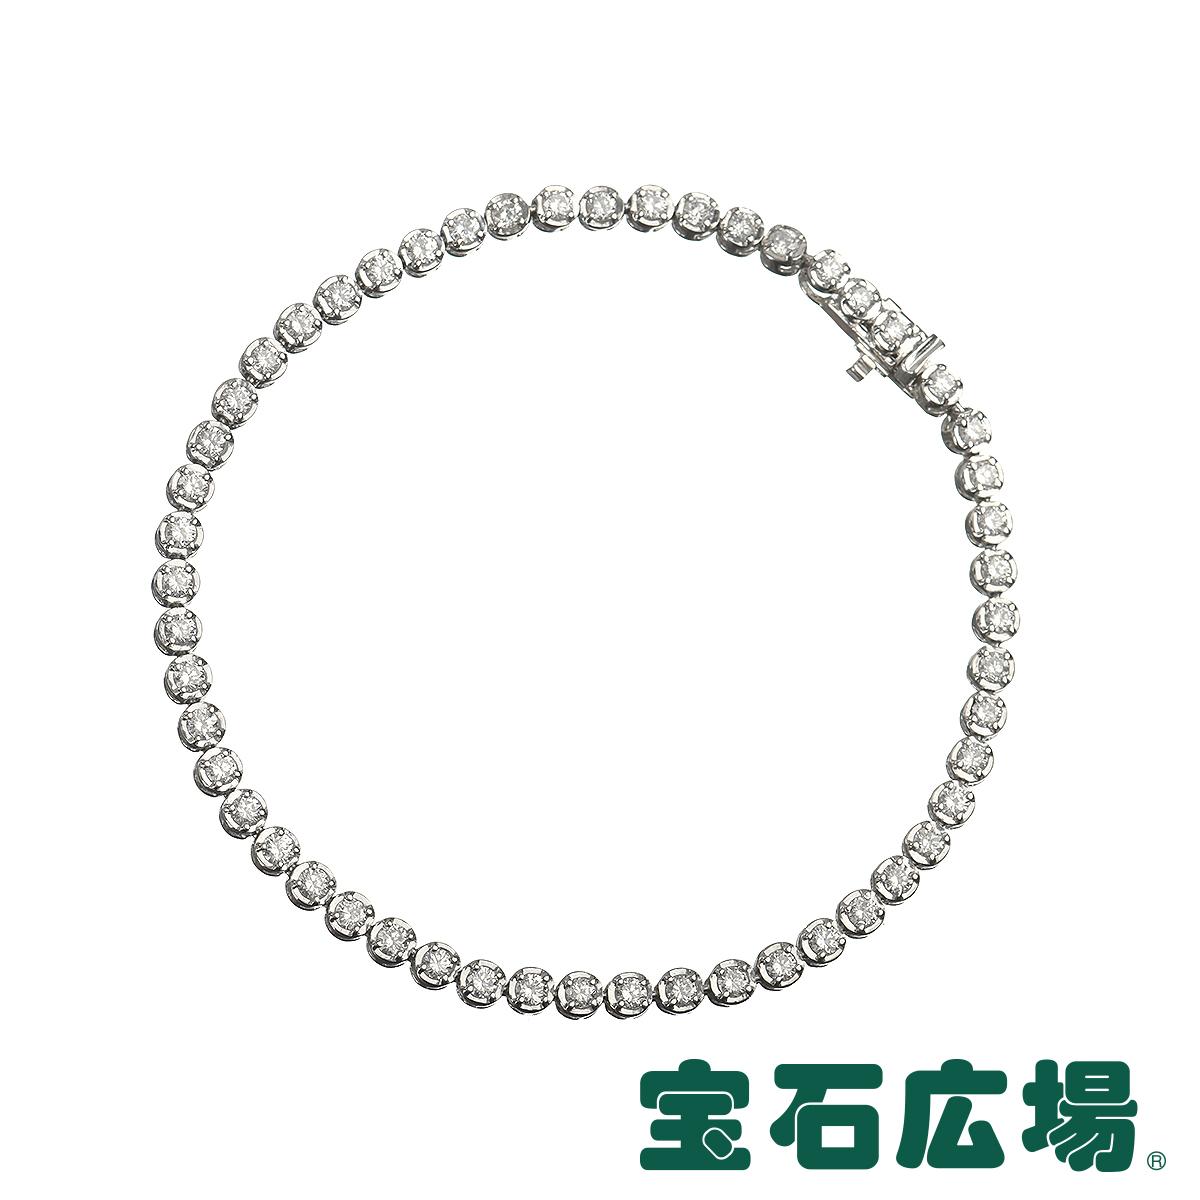 ノーブランド ダイヤ テニスブレスレット 【中古】 ジュエリー 送料無料